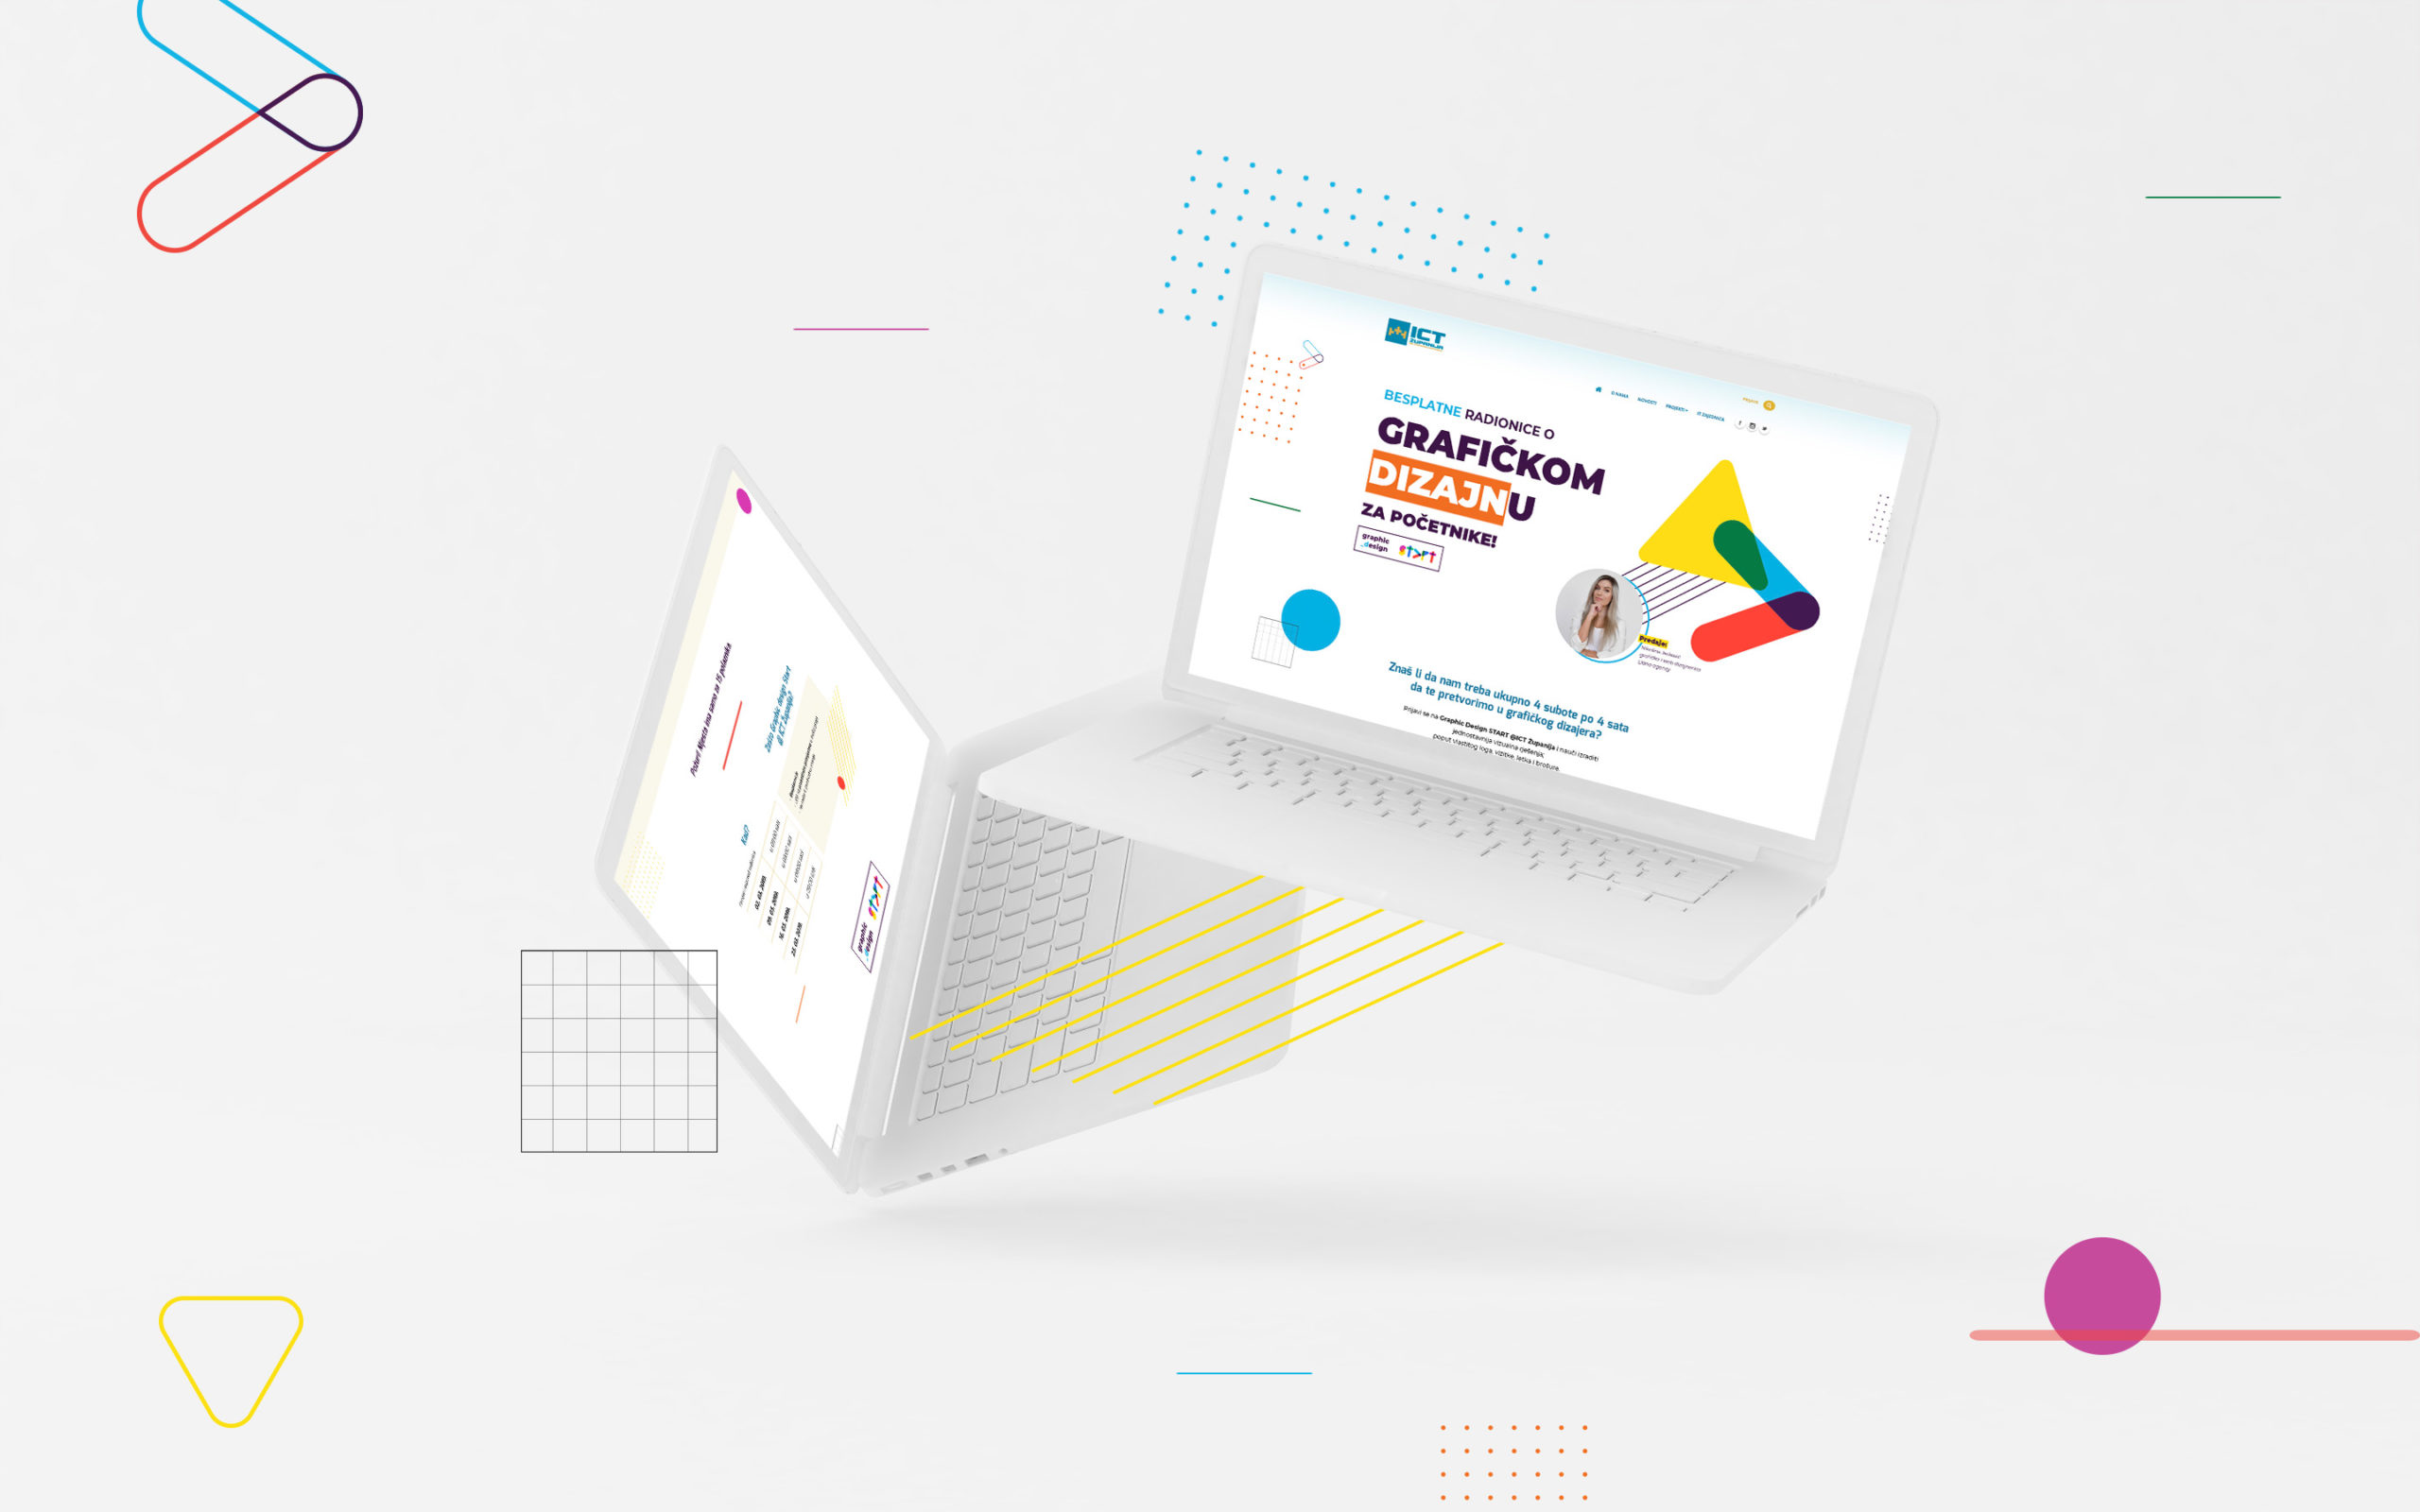 ICT Graphic Design